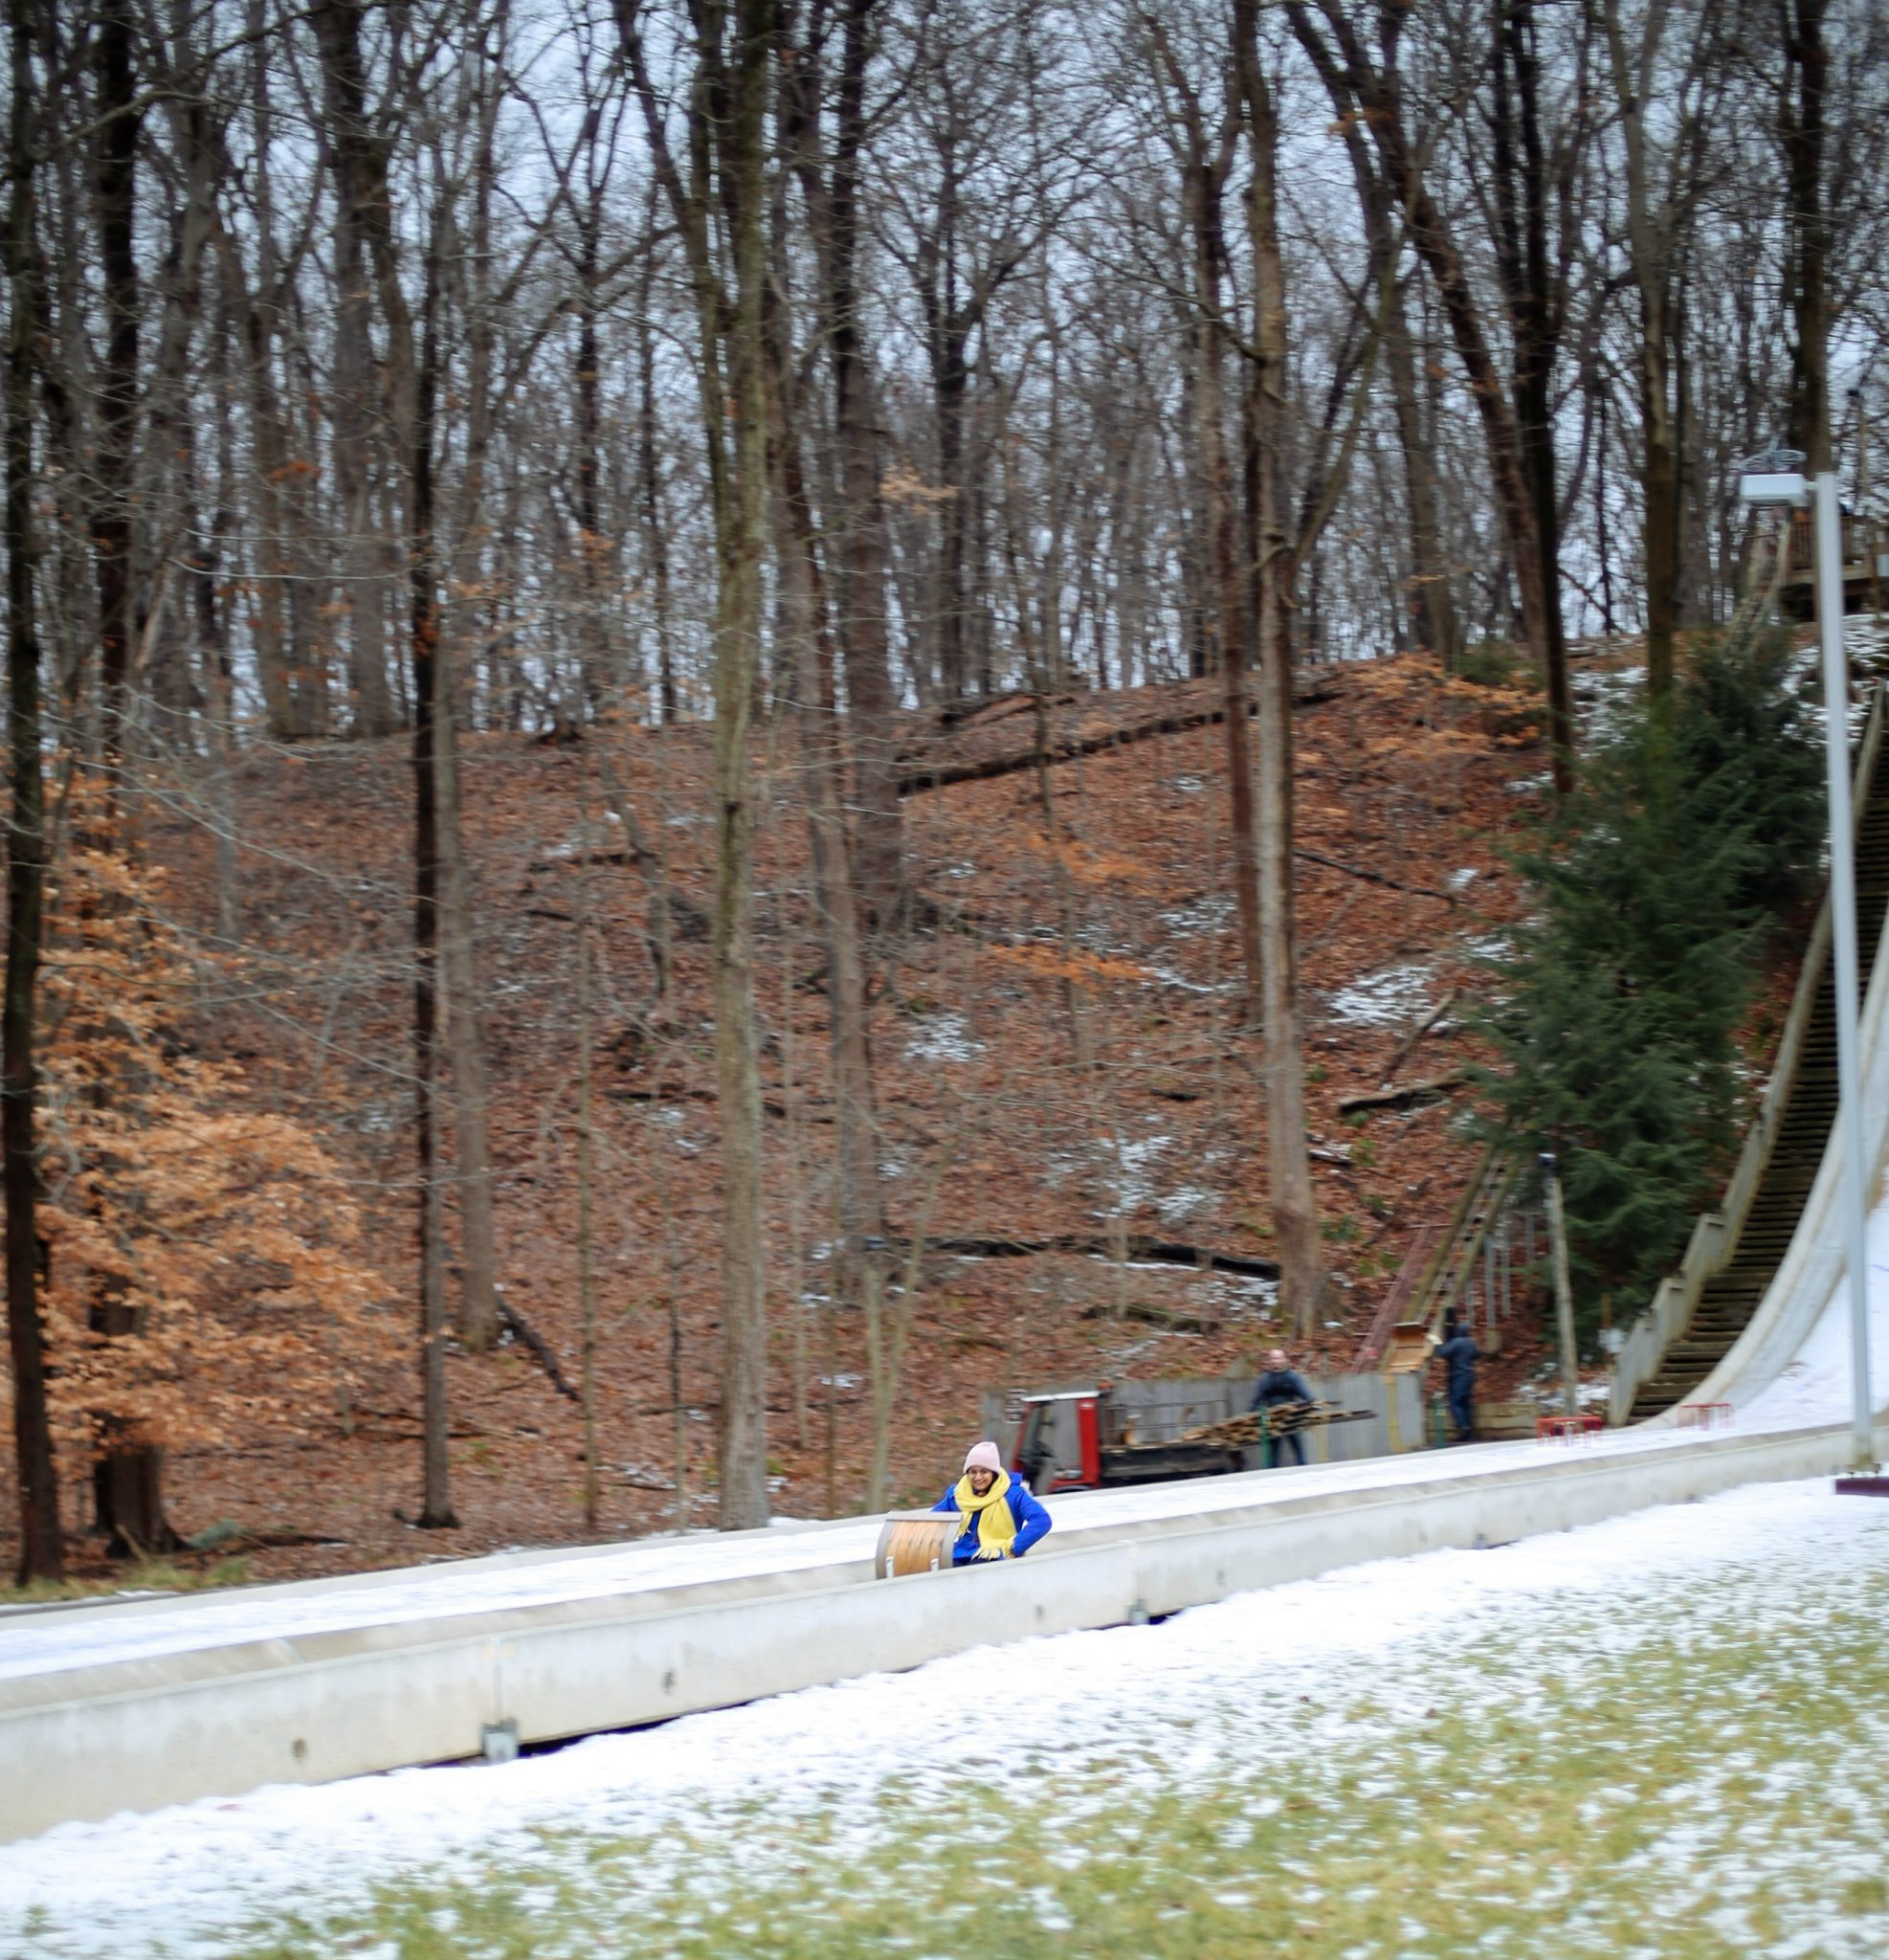 cleveland-metroparks-snow-slide-1